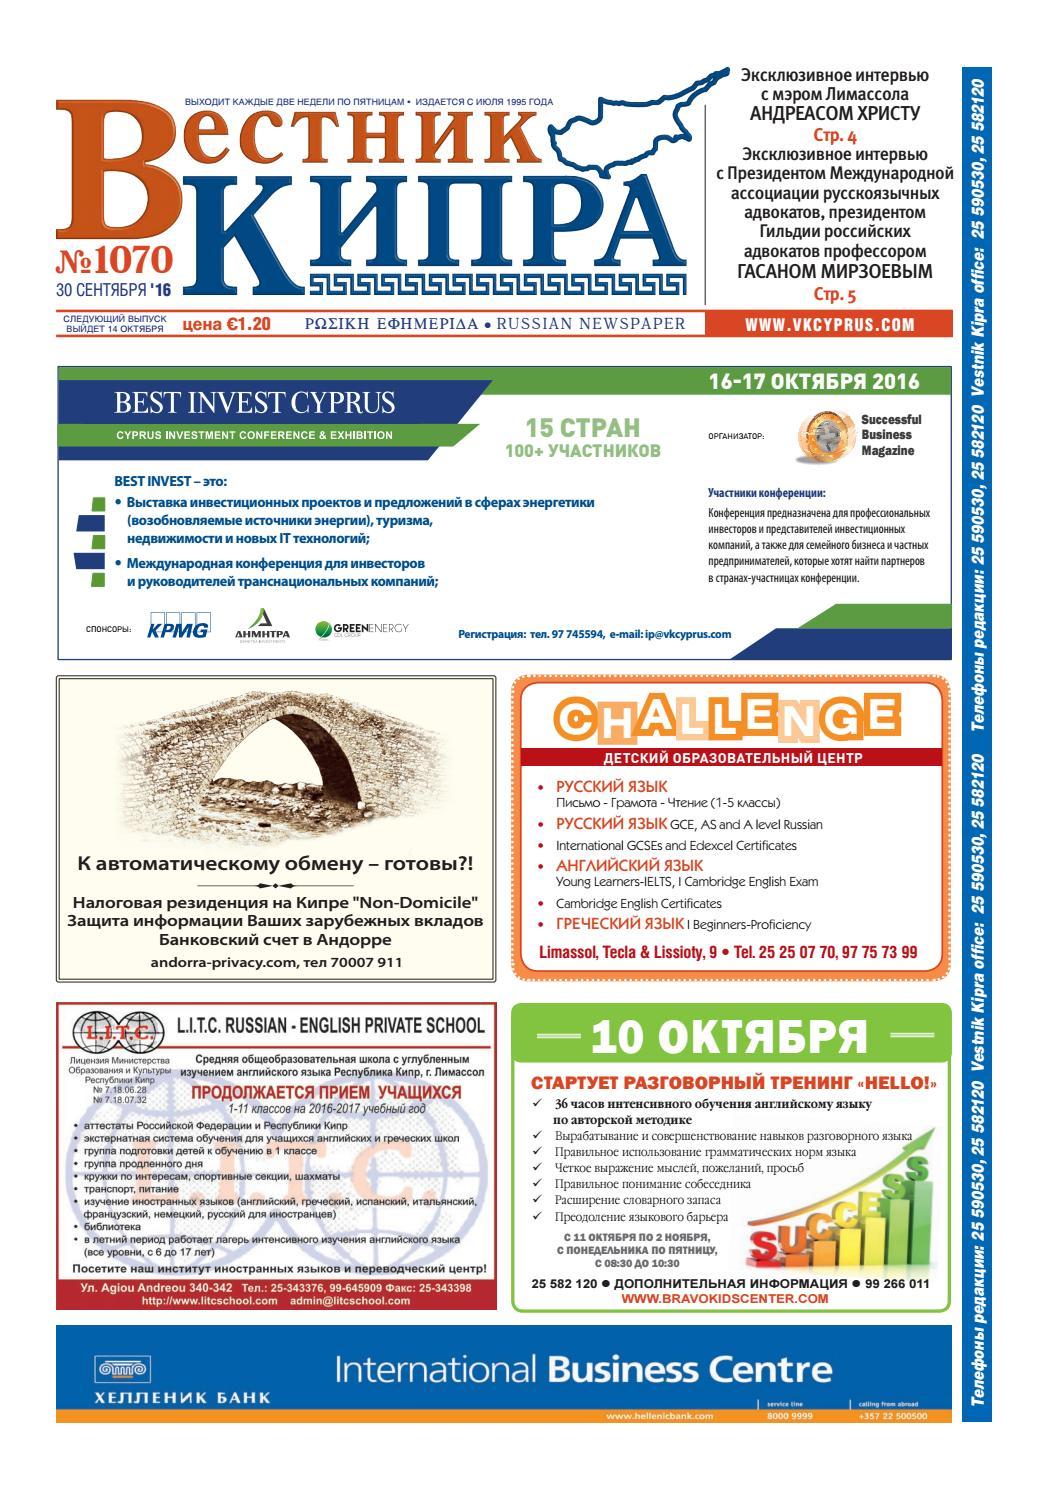 Вестник Кипра №1020 by Вестник Кипра - issuu